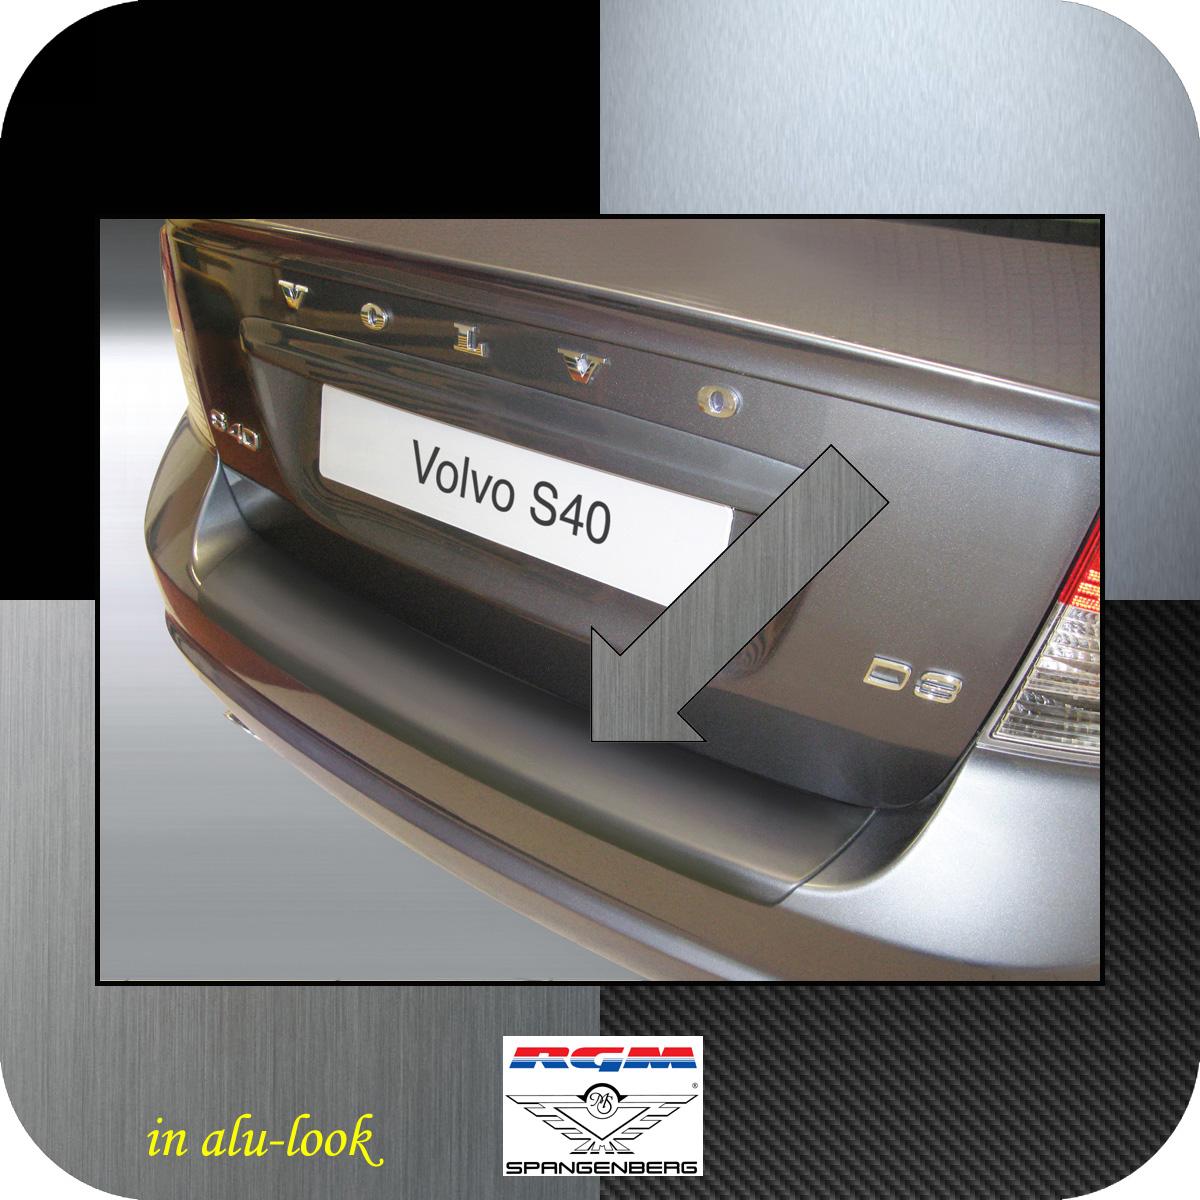 Ladekantenschutz Alu-Look Volvo S40 II Limousine ab facelift 2007-12 3504549